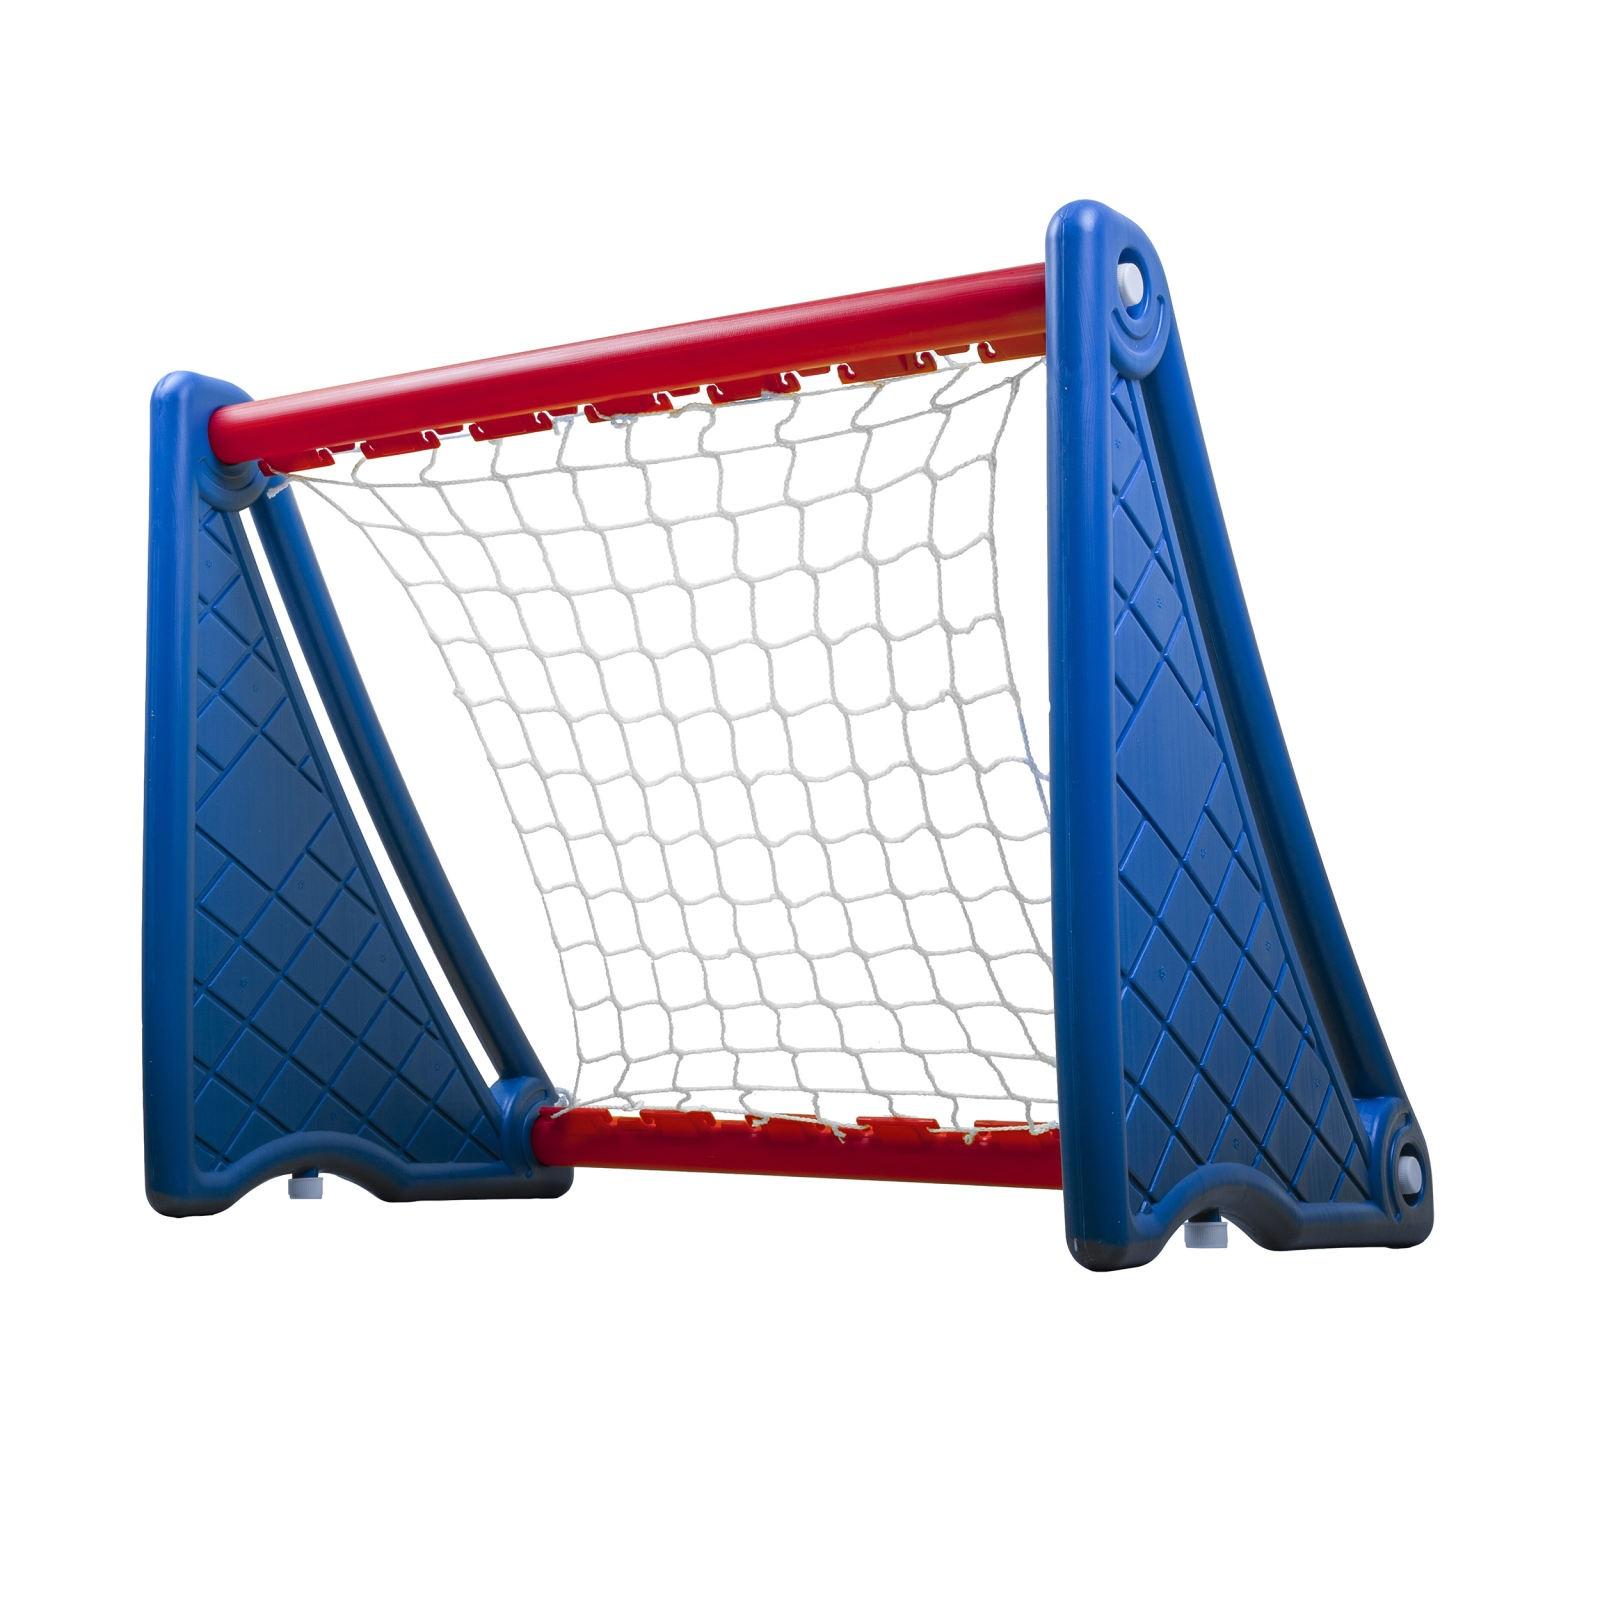 دروازه بازی فوتبال مدل N05